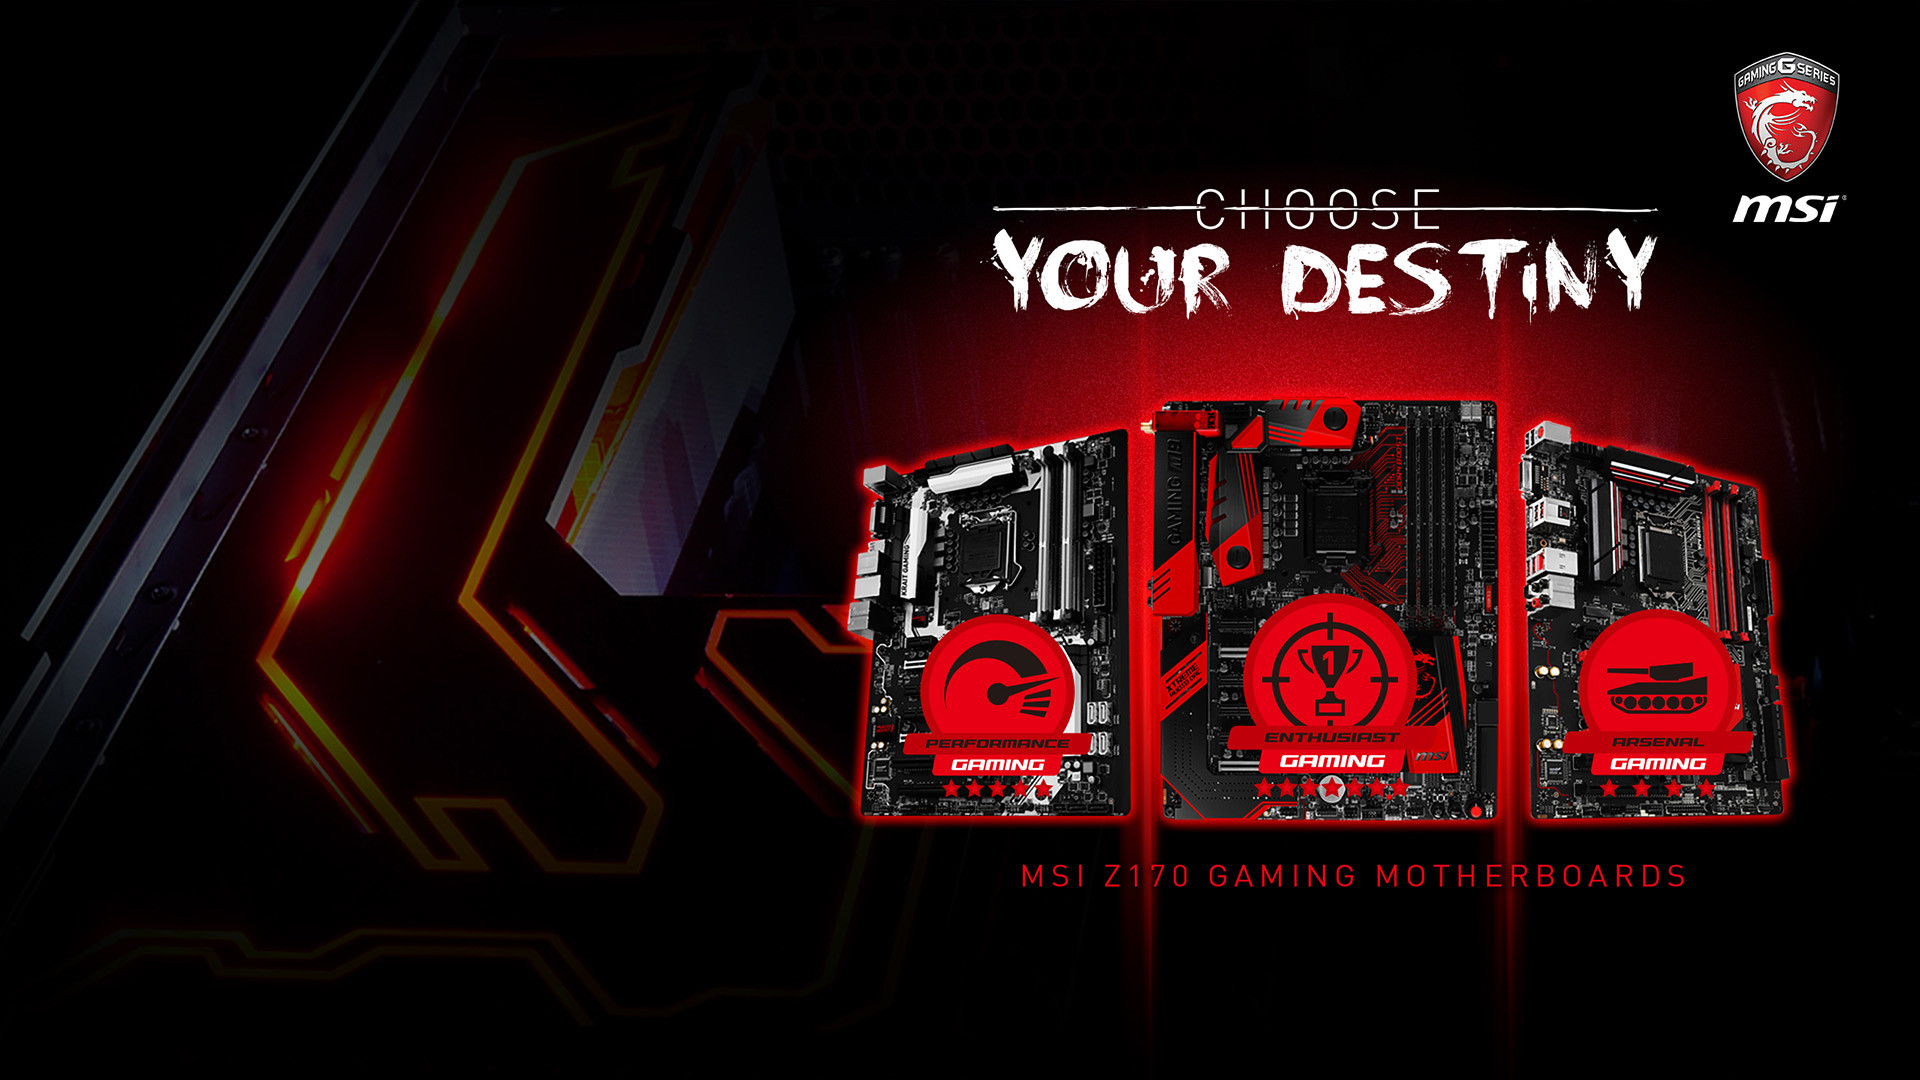 Msi Gaming Wallpaper 1920x1080 86 Images